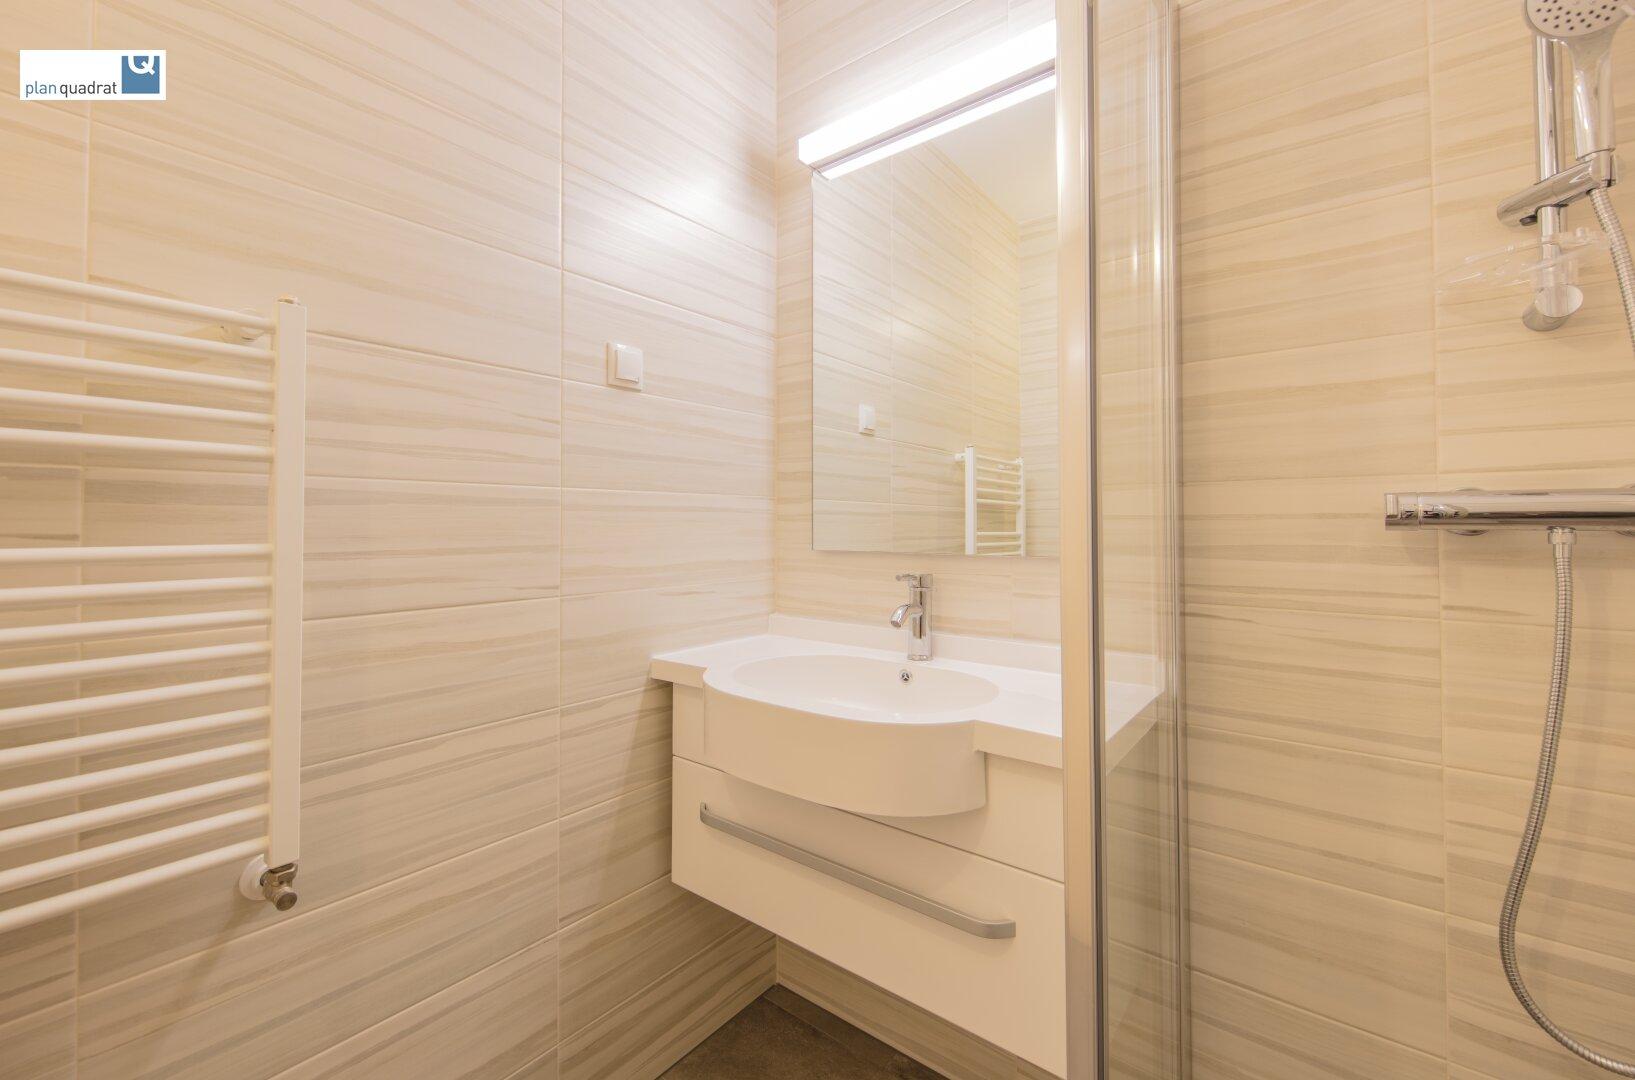 Badezimmer (mit Waschbecken, bodengleicher Dusche & Wa-Ma-Anschluss)